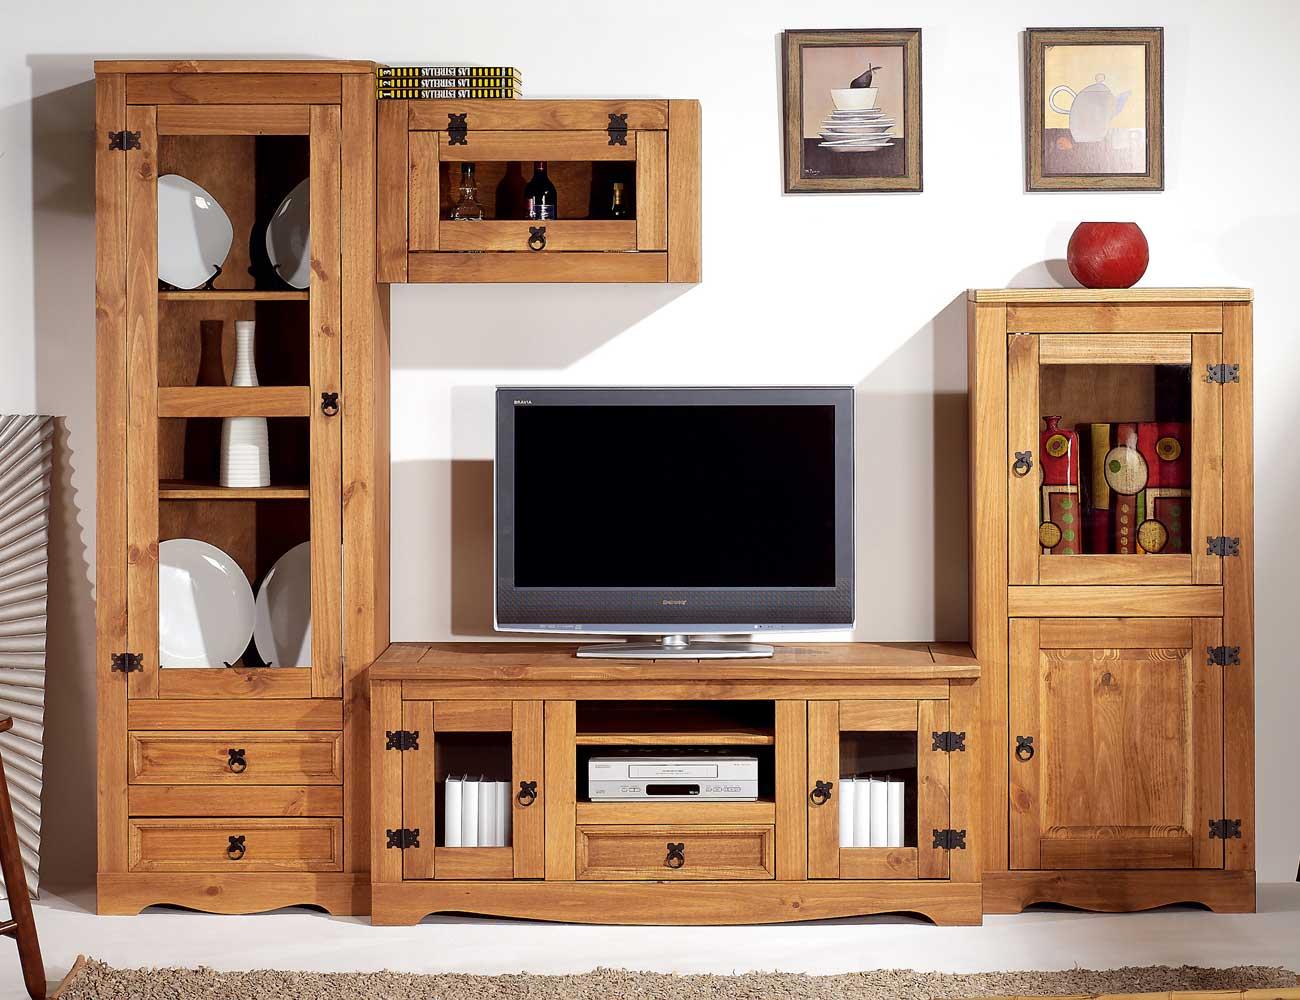 Muebles factory obtenga ideas dise o de muebles para su hogar aqu - Muebles utrera ...